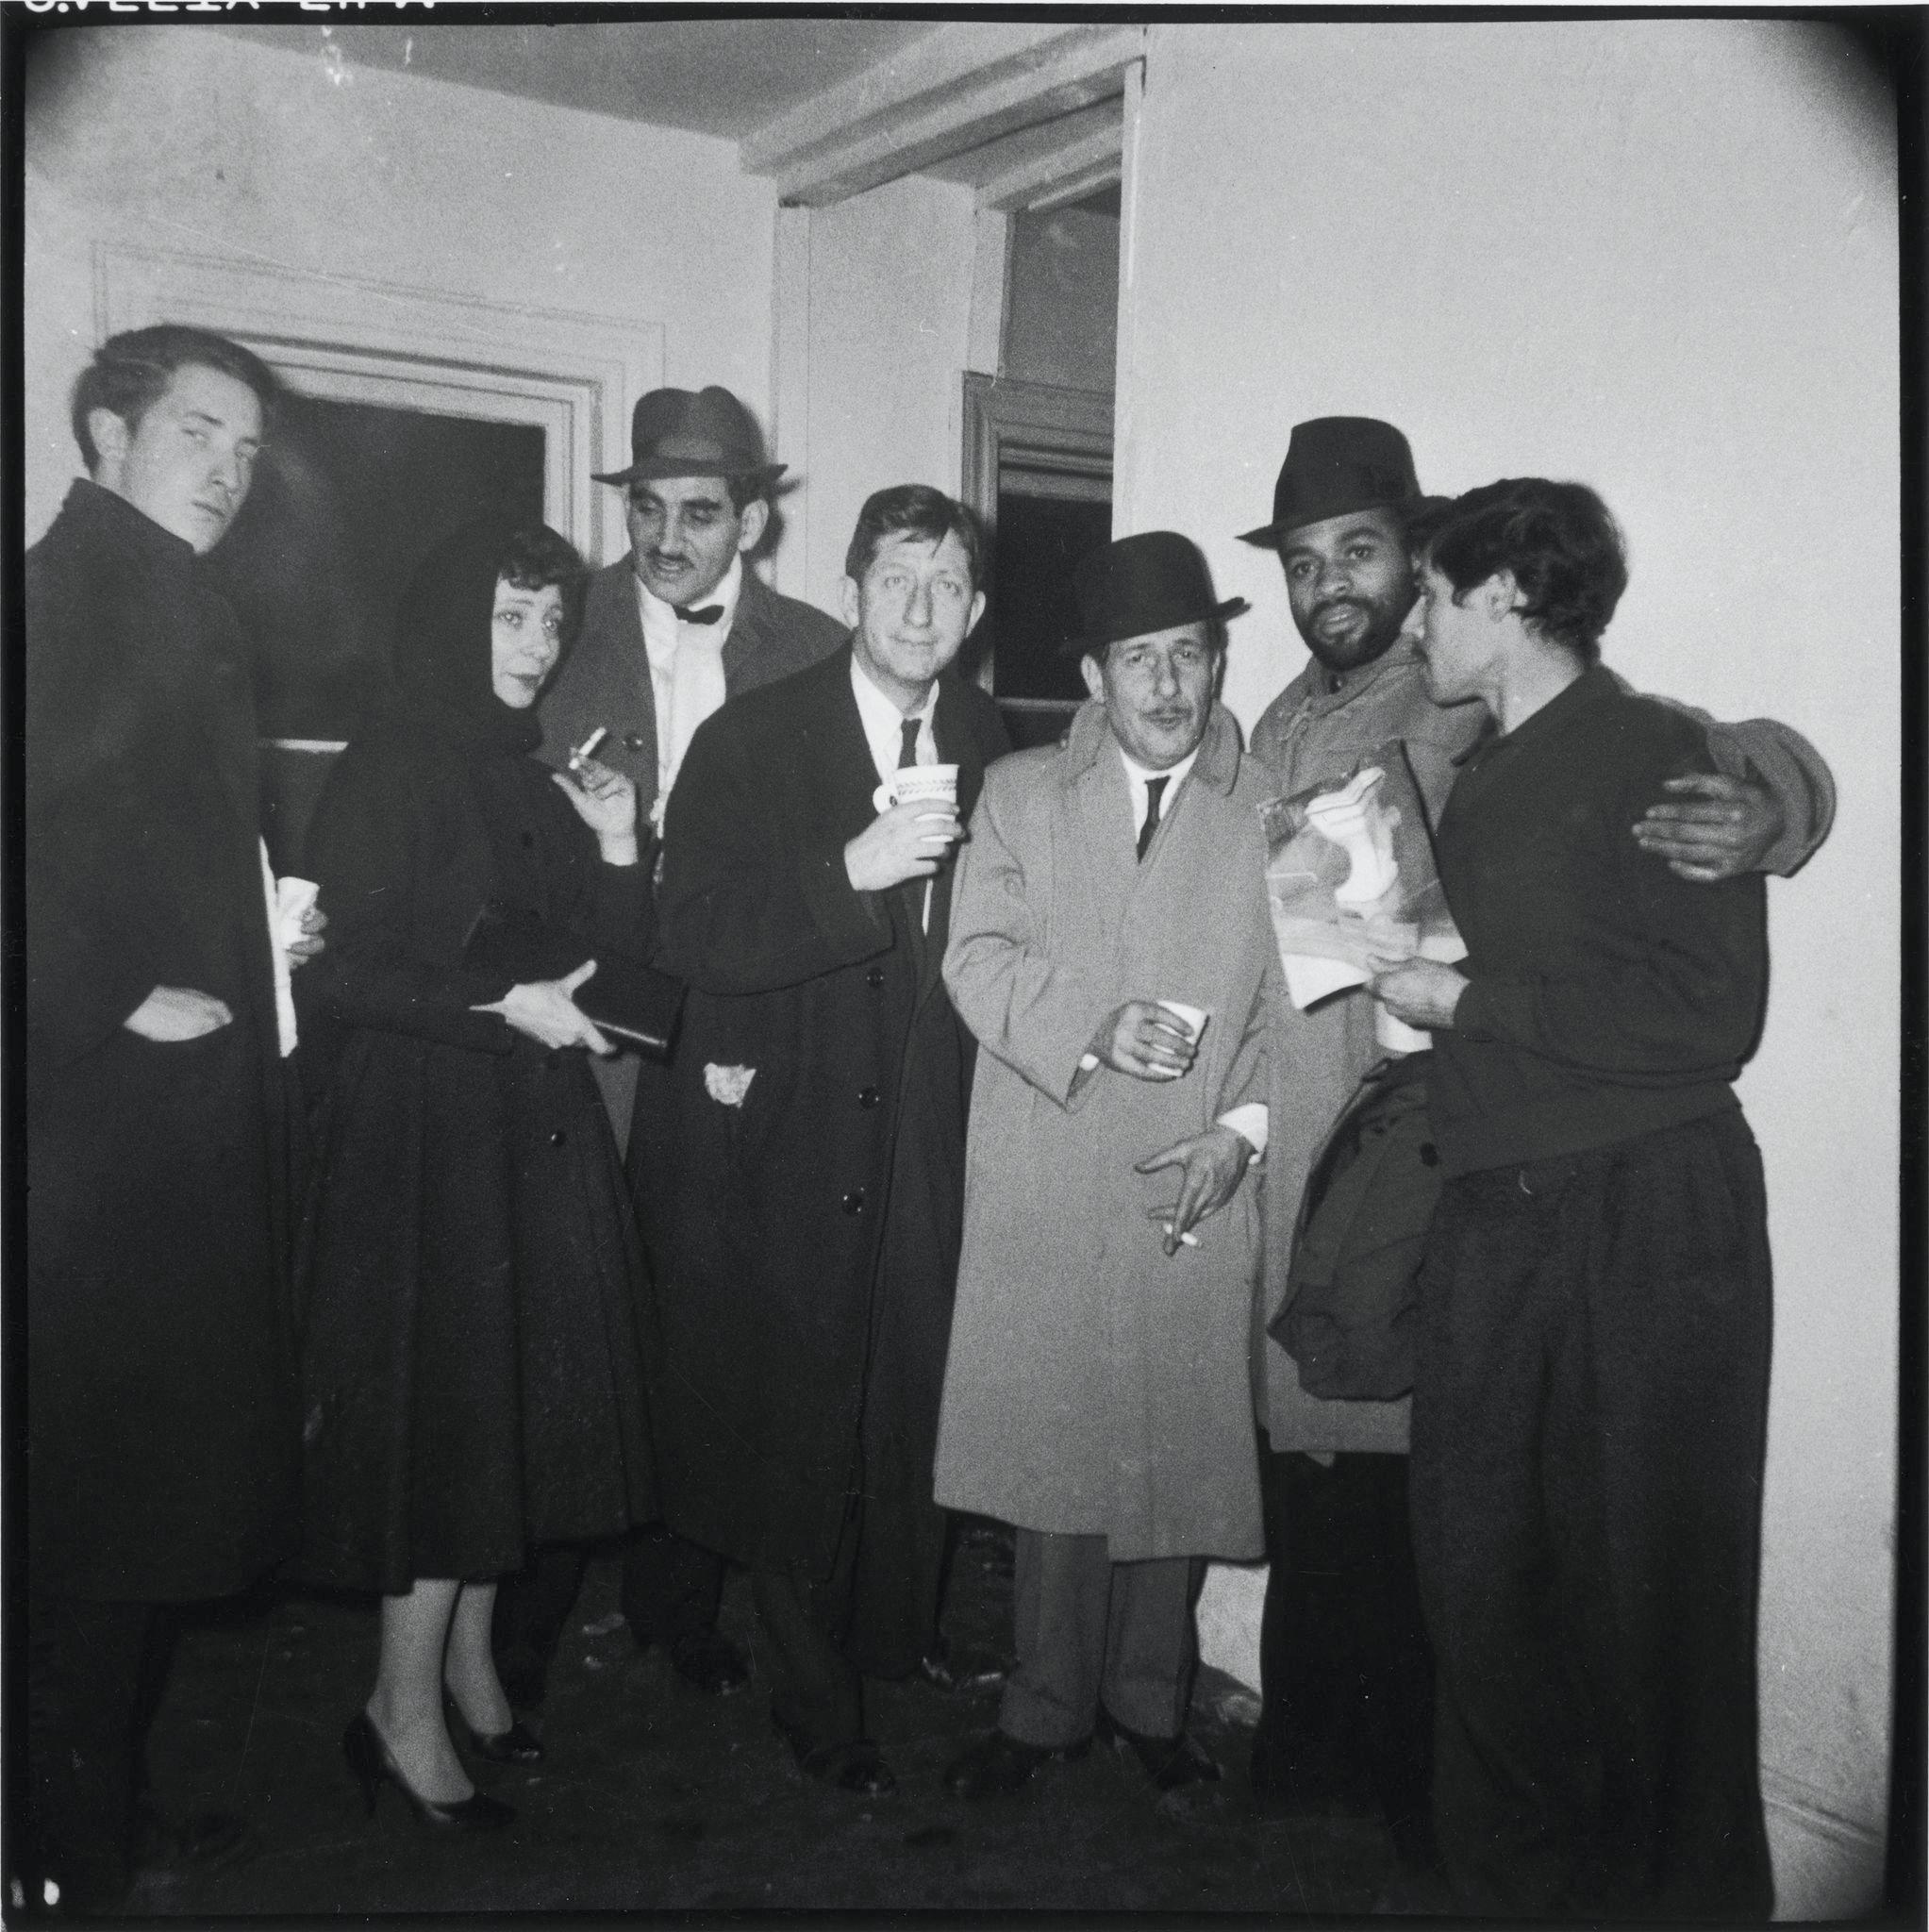 1958. Покровители Клуба художников позируют вместе в канун Нового года в Нью-Йорке, 31 декабря.jpg